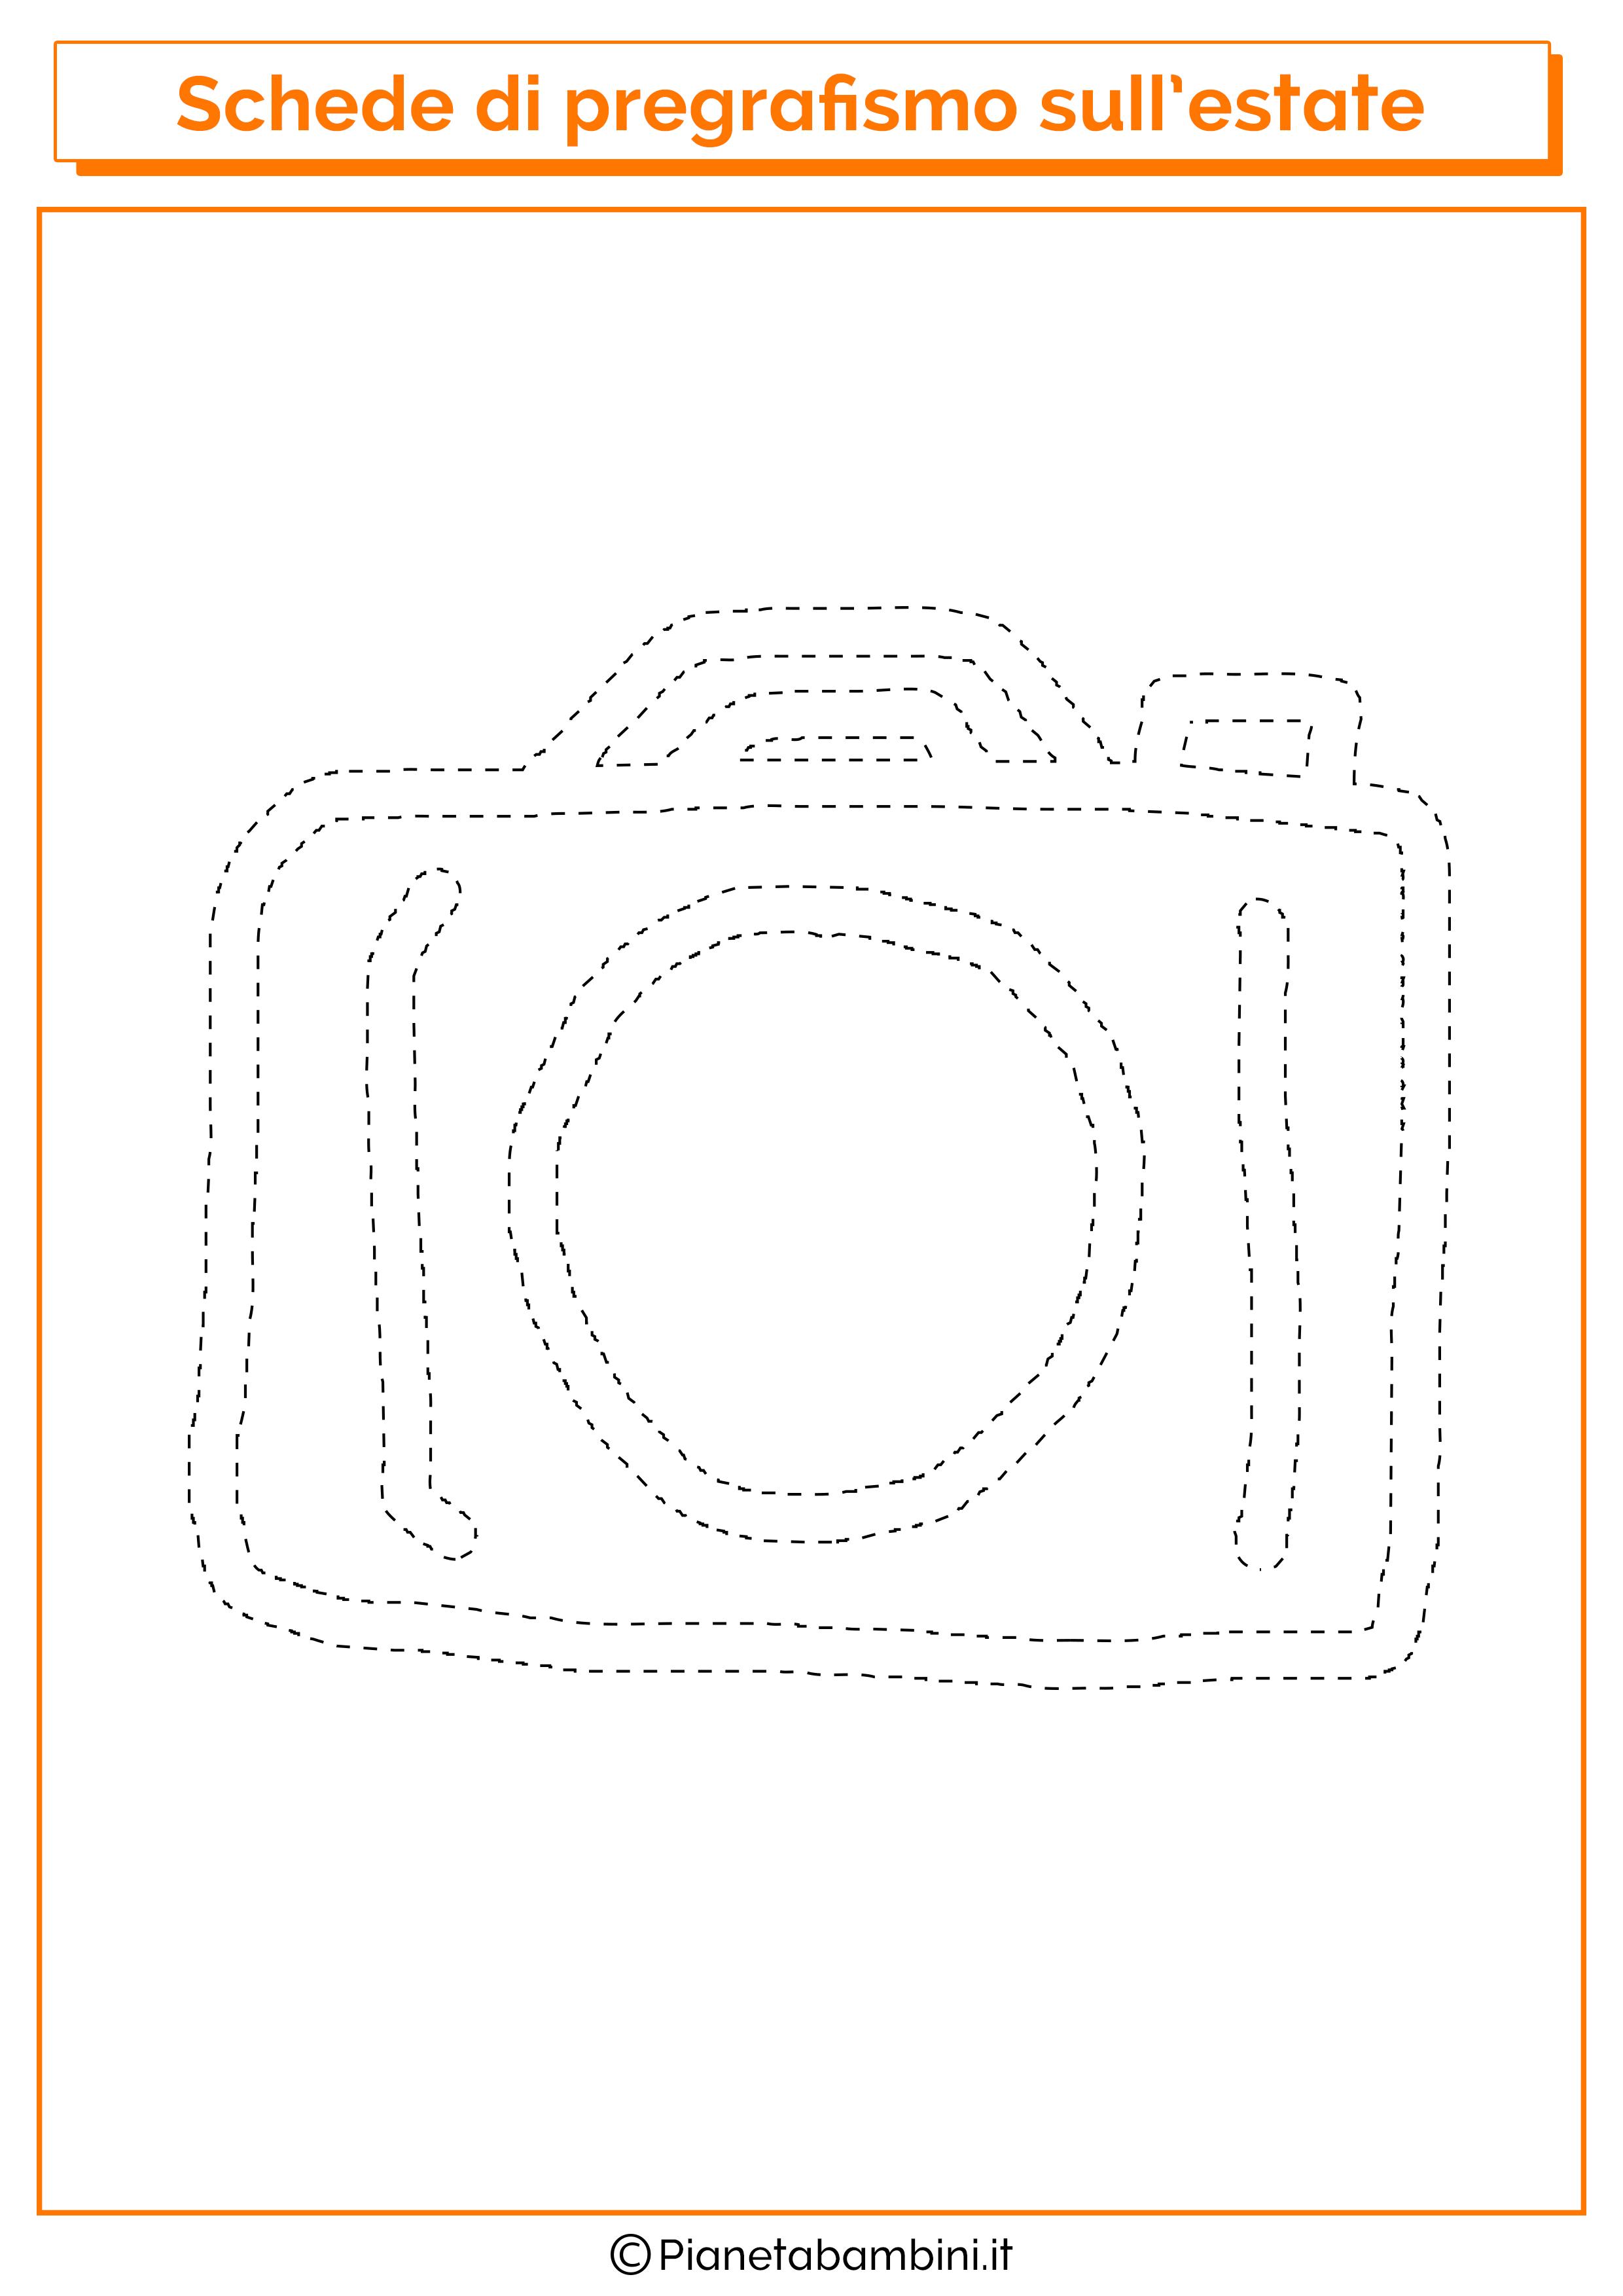 Scheda di pregrafismo sulla macchina fotografica